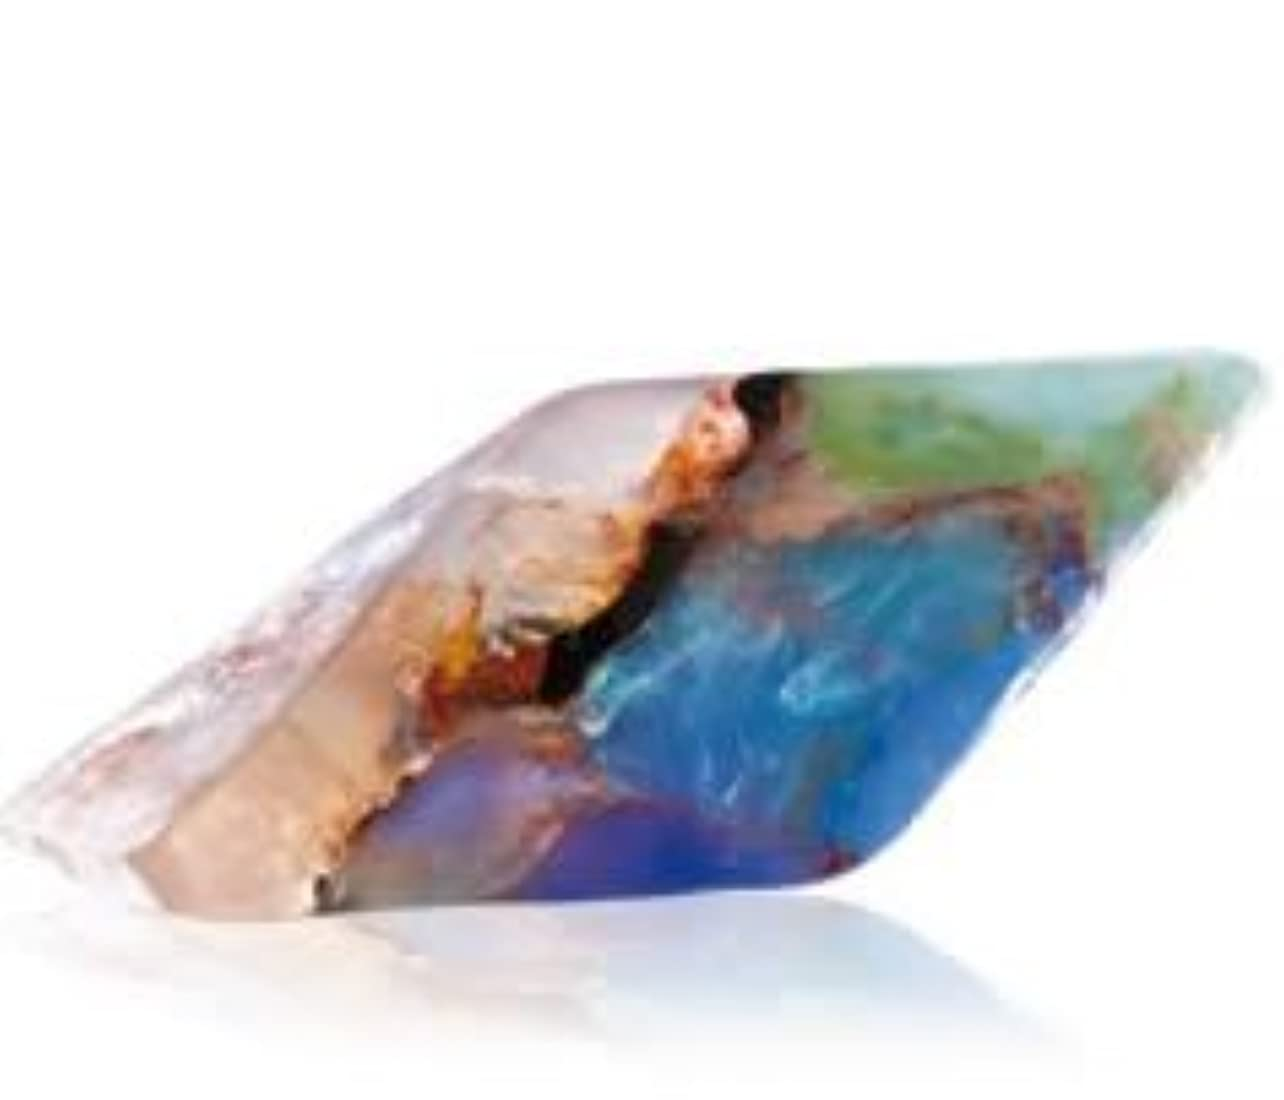 言う永久にフォアタイプSavons Gemme サボンジェム 世界で一番美しい宝石石鹸 フレグランスソープ ブラックオパール 170g